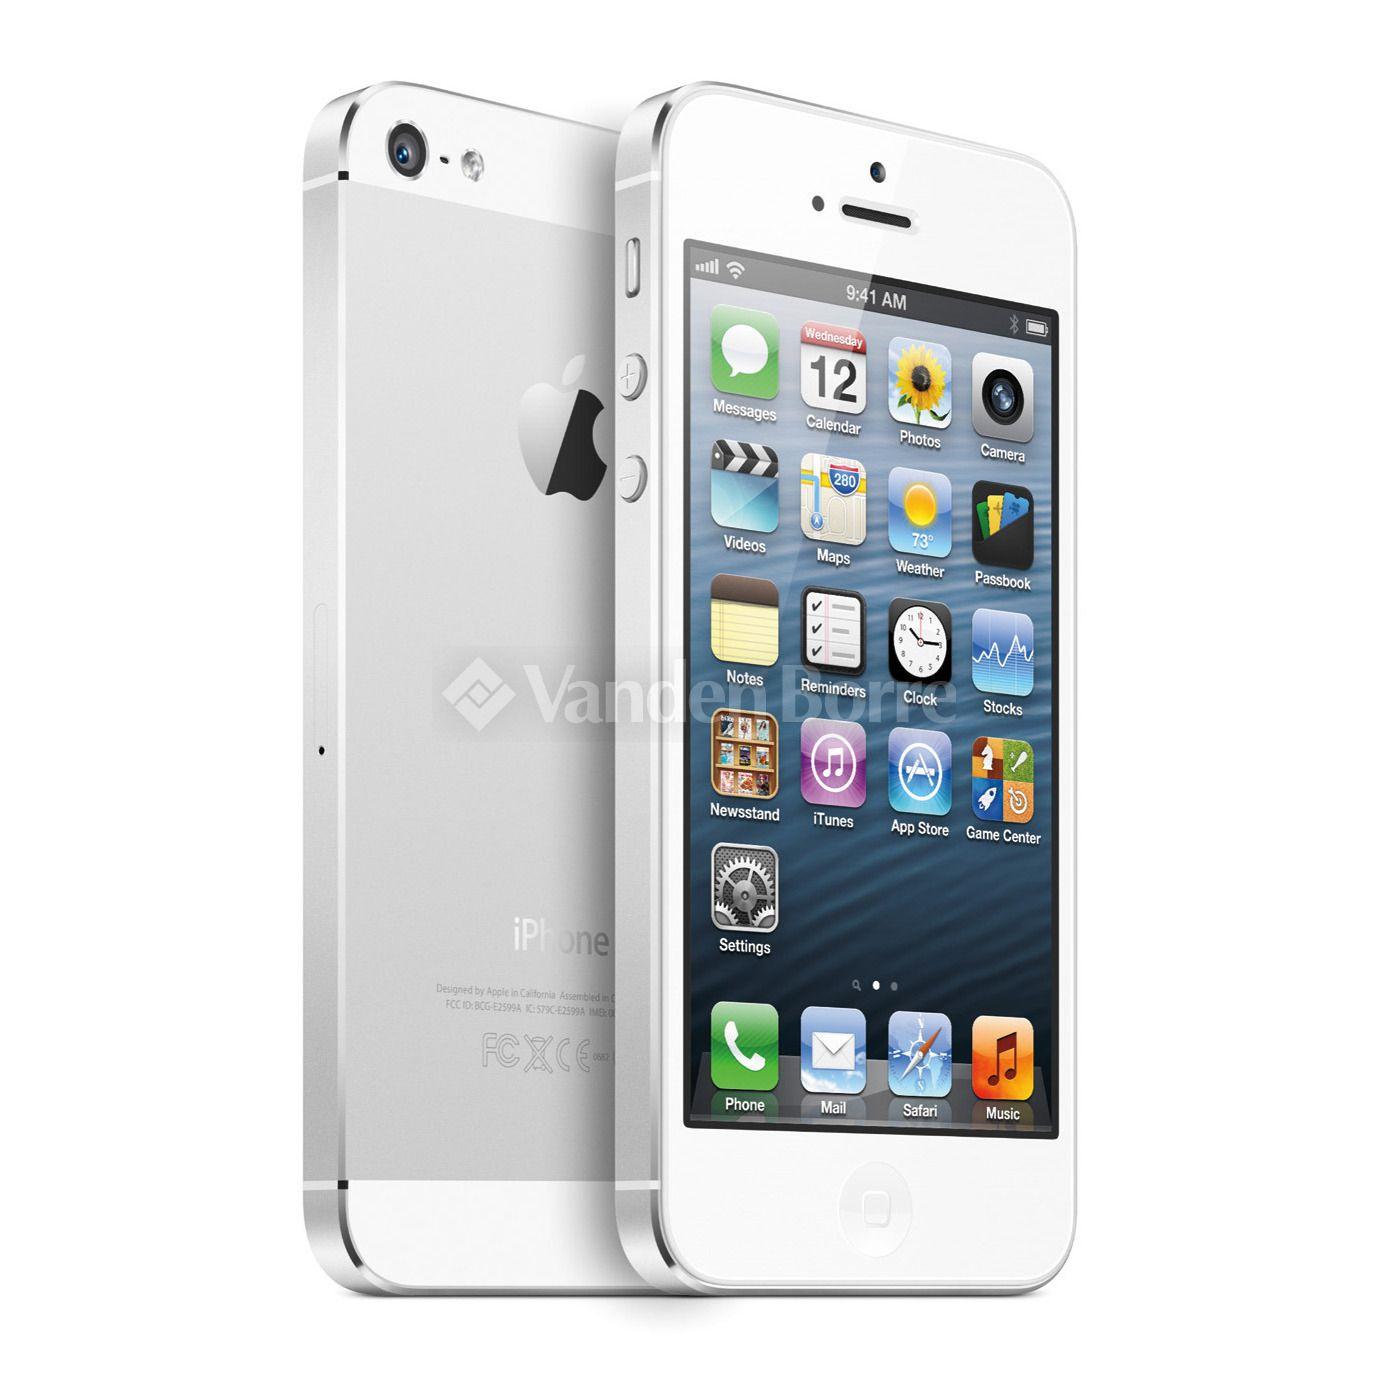 Iphone 5 se 16gb preis